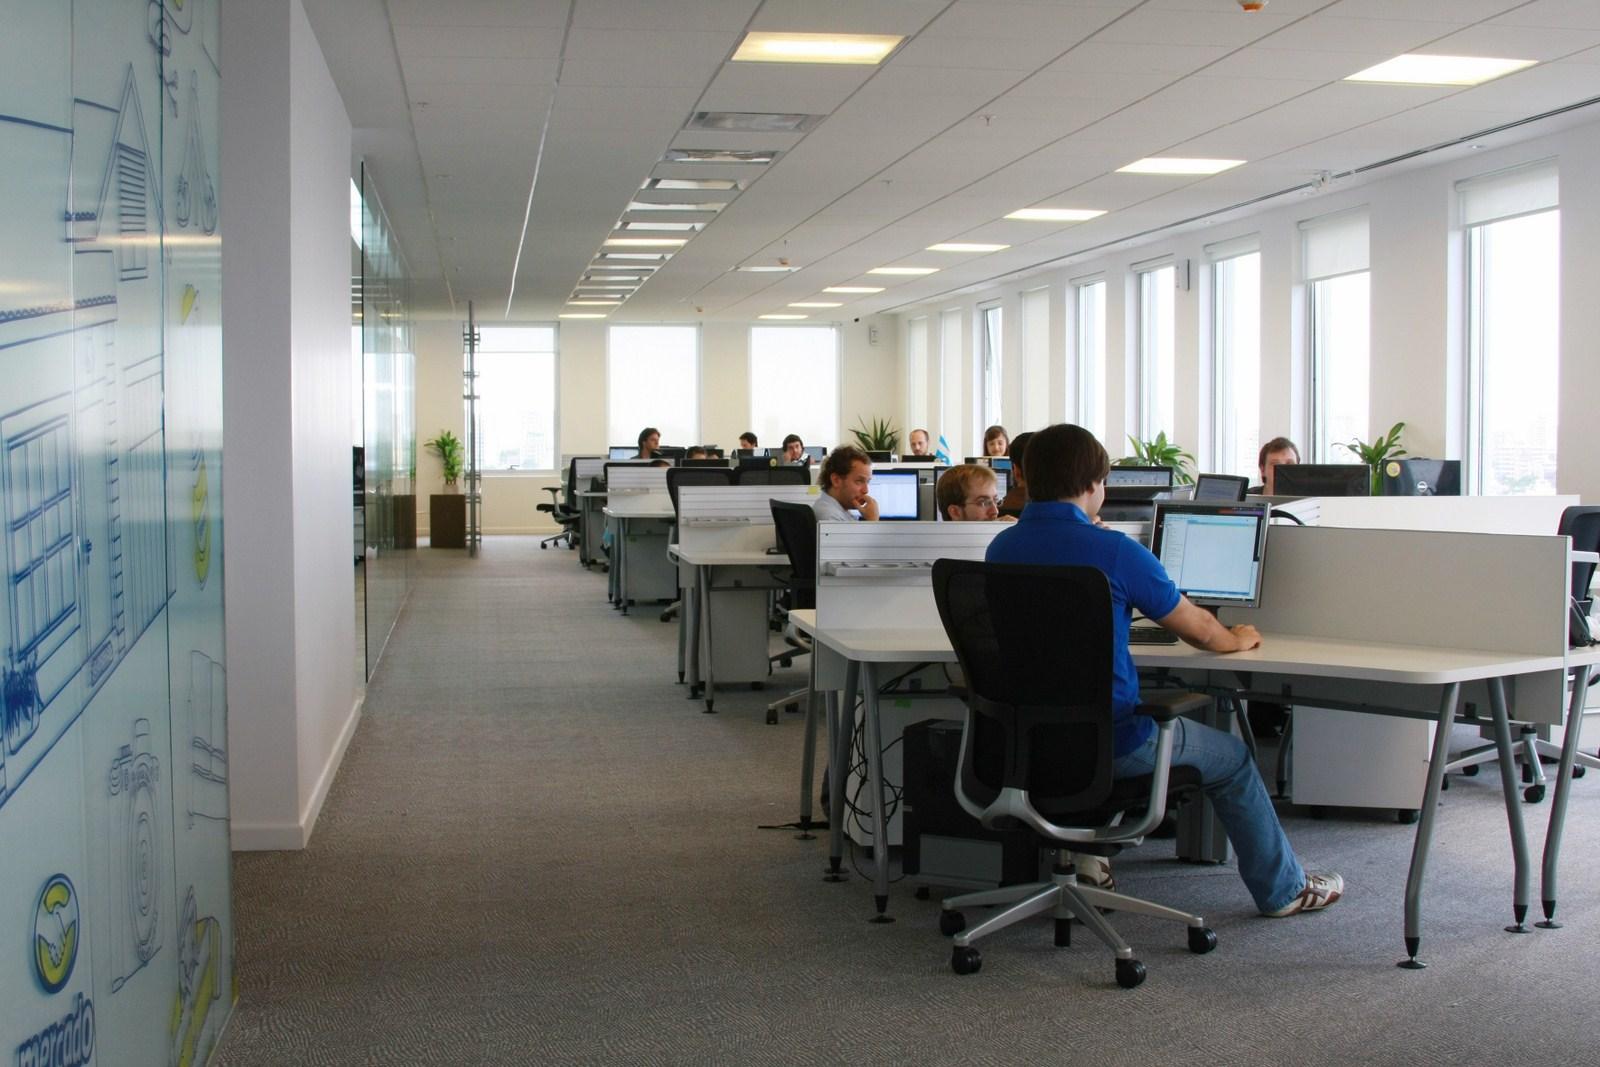 Oficina publica saludable oficinas de mercadolibre en la for Servicio de empleo